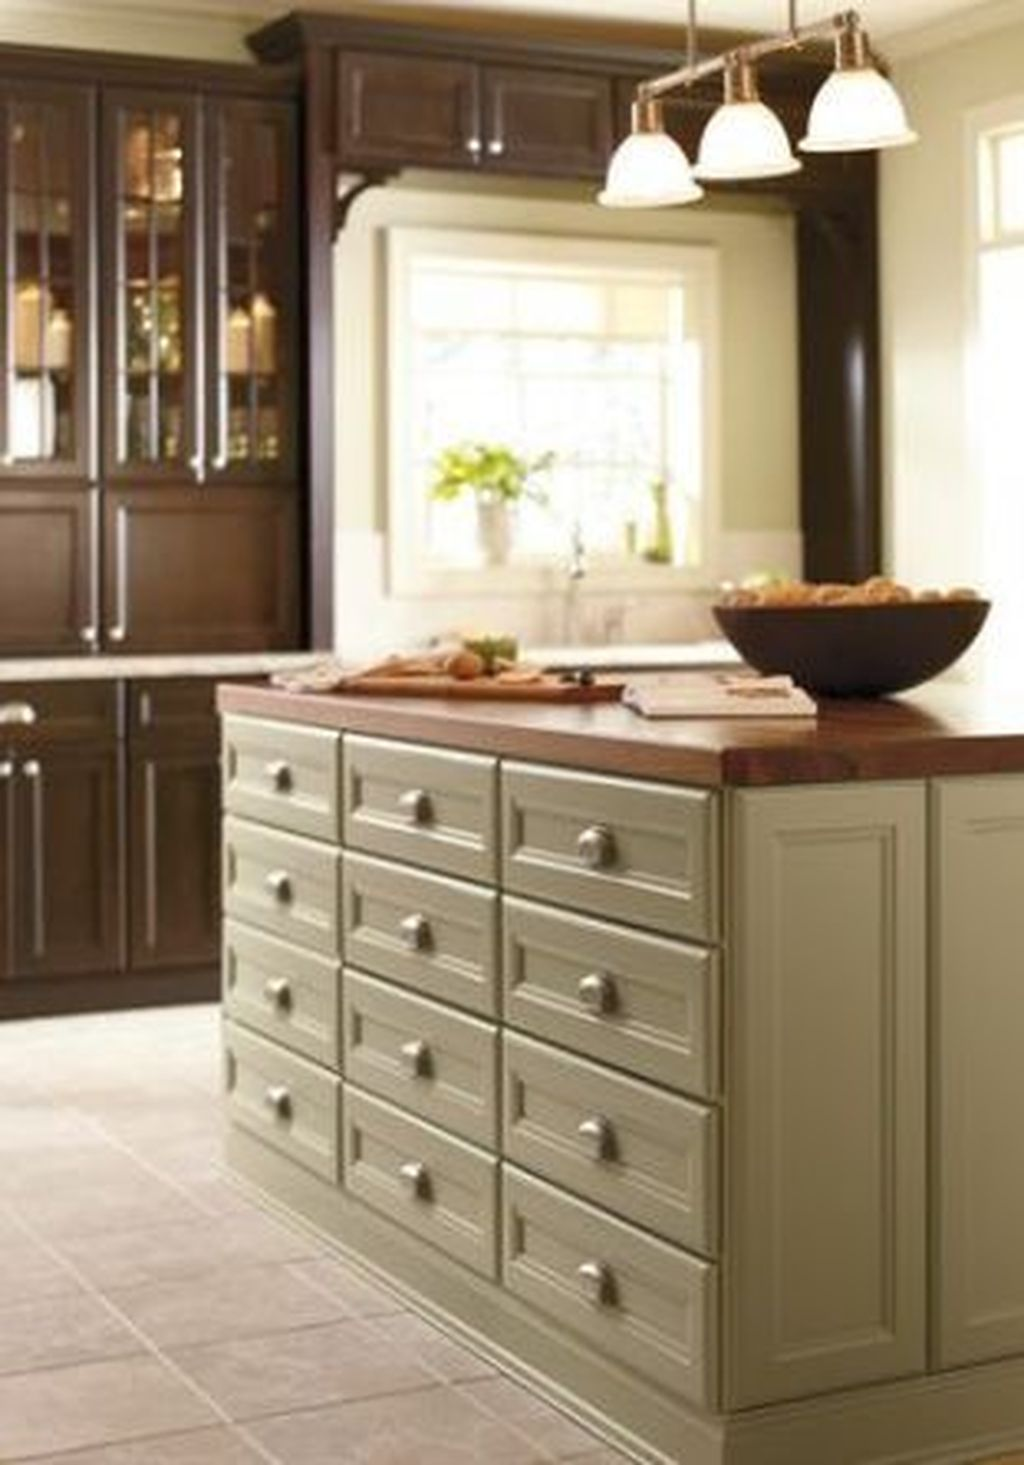 Nice Sage Kitchen Cabinets Design Ideas 12